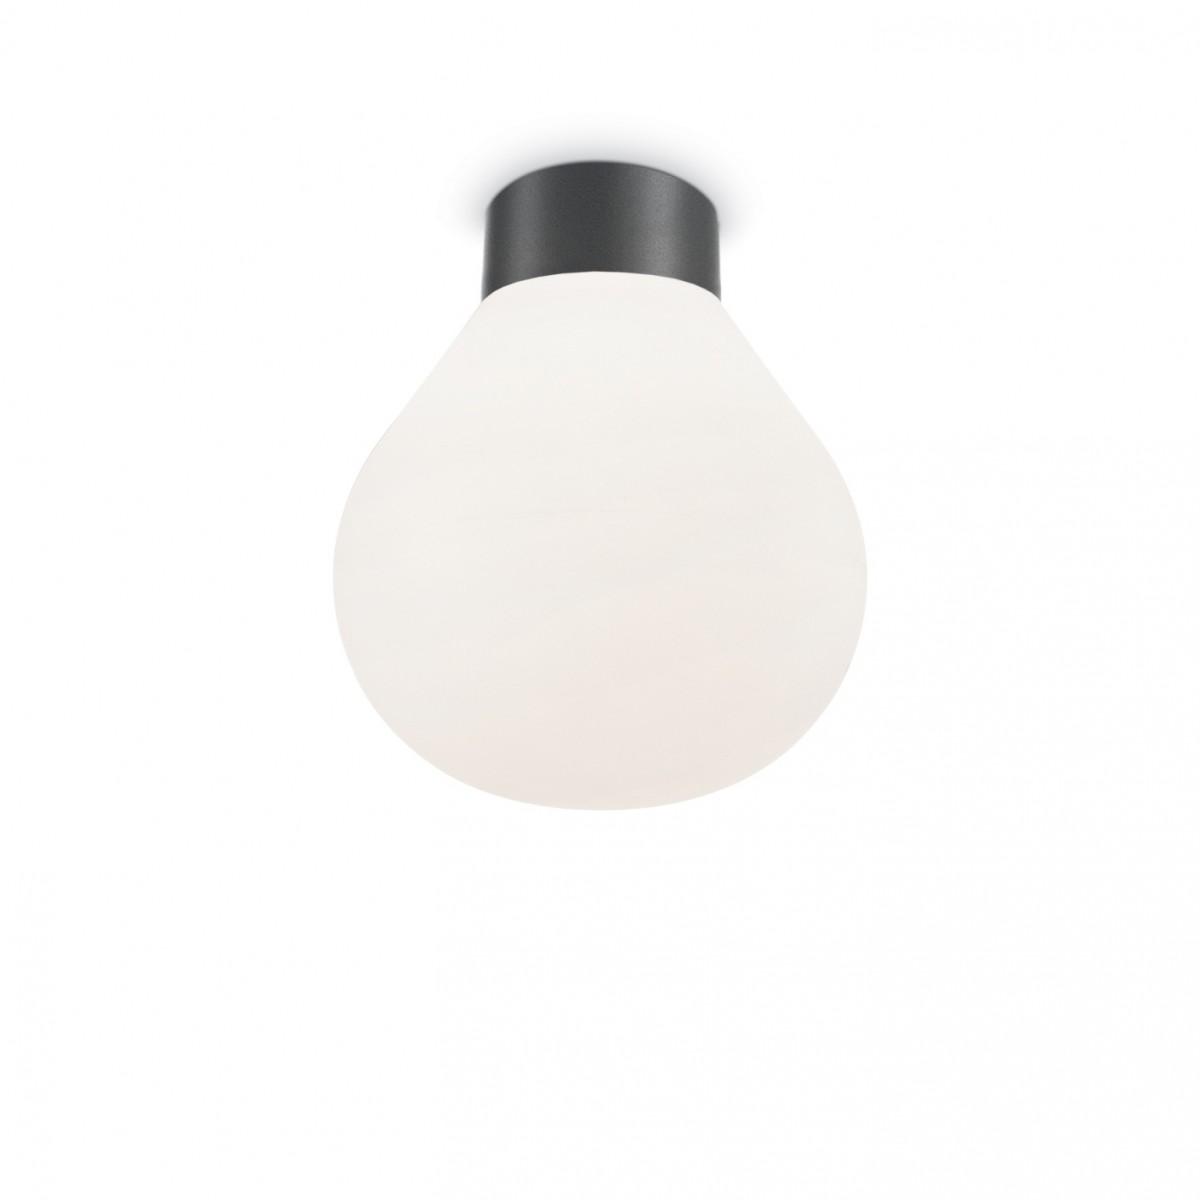 venkovní stropní lampa Ideal Lux Clio PL1 149523 1x60W E27 - komplexní osvětlení exterieru